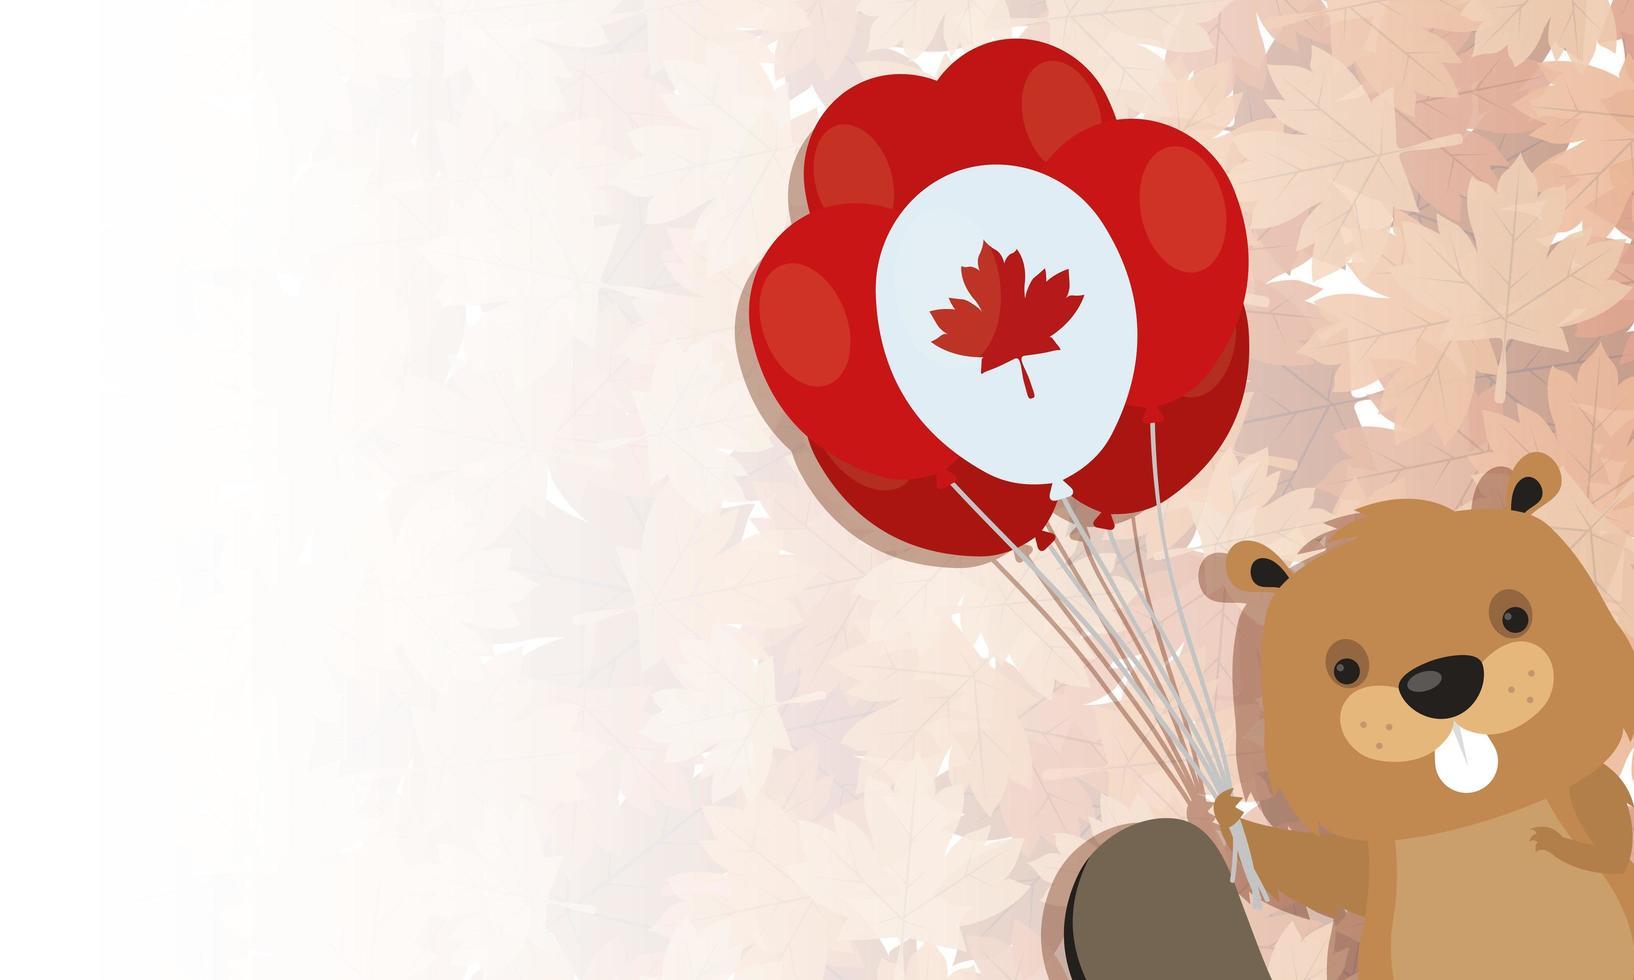 Canadese bever met ballon voor happy canada day vector design